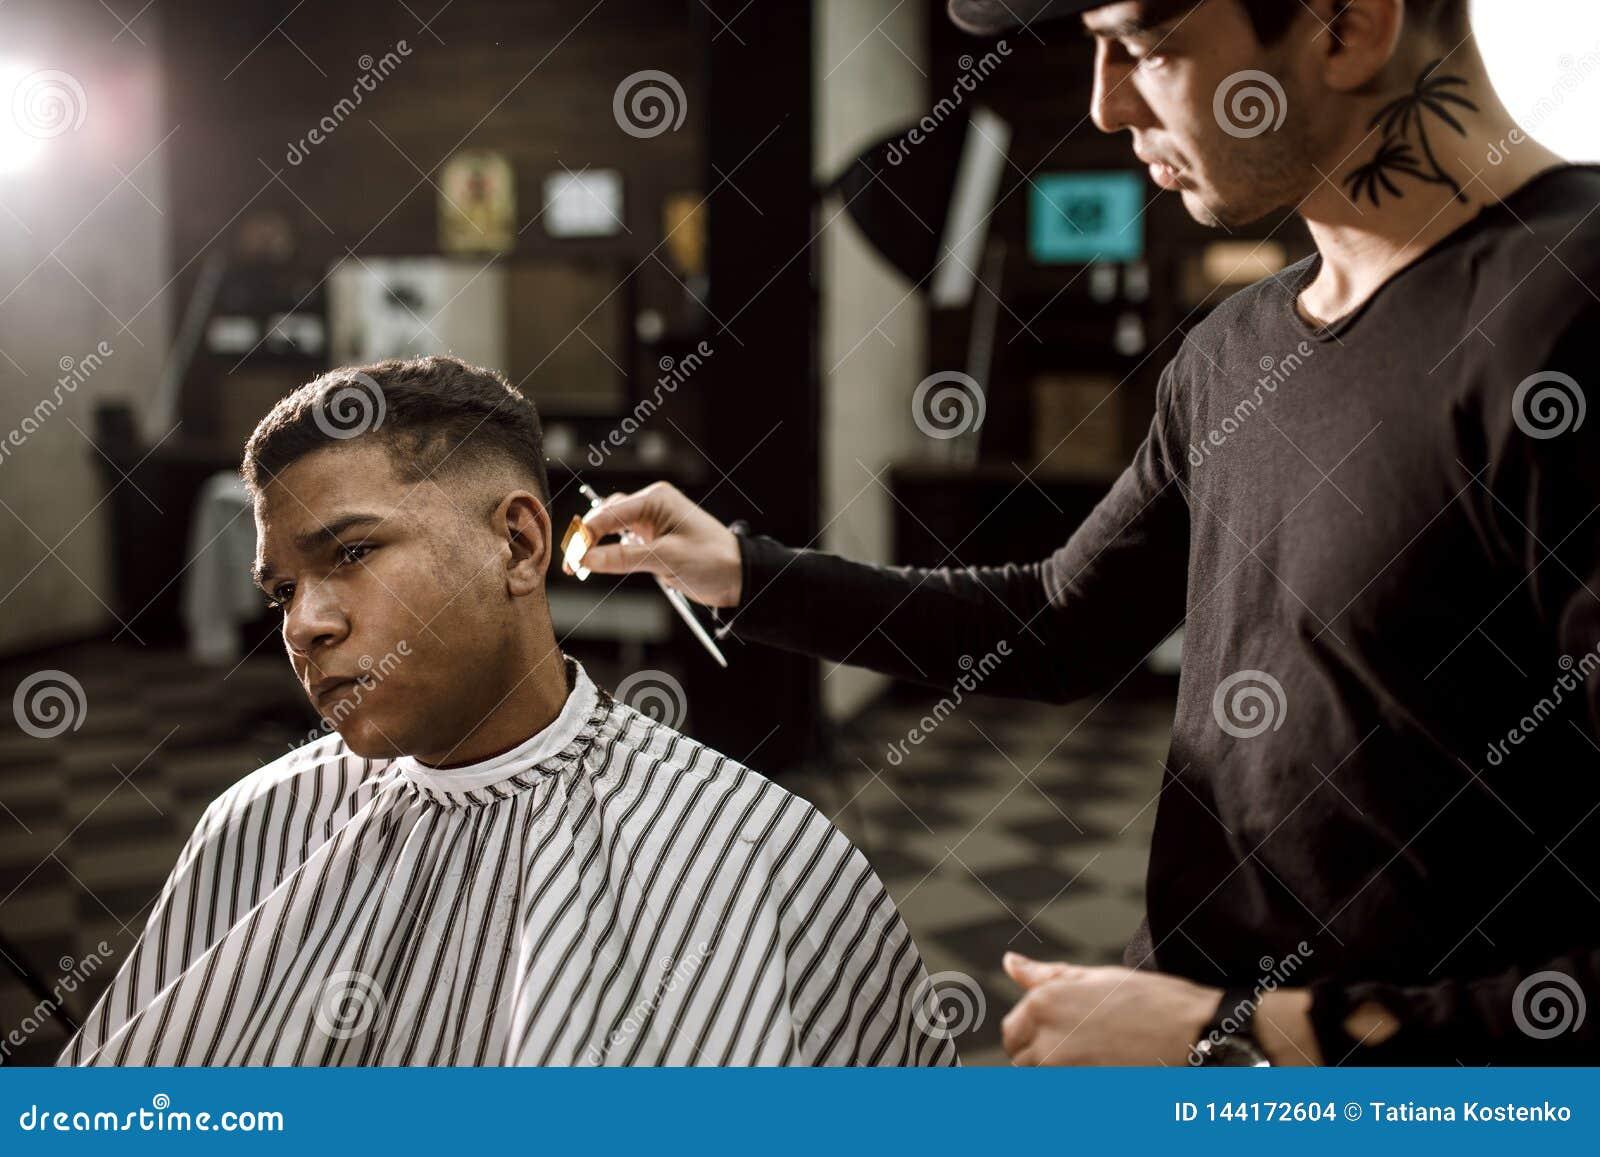 Les cheveux de ciseaux de coiffeur des côtés pour un homme aux cheveux noirs élégant dans le raseur-coiffeur Mode et style du ` s